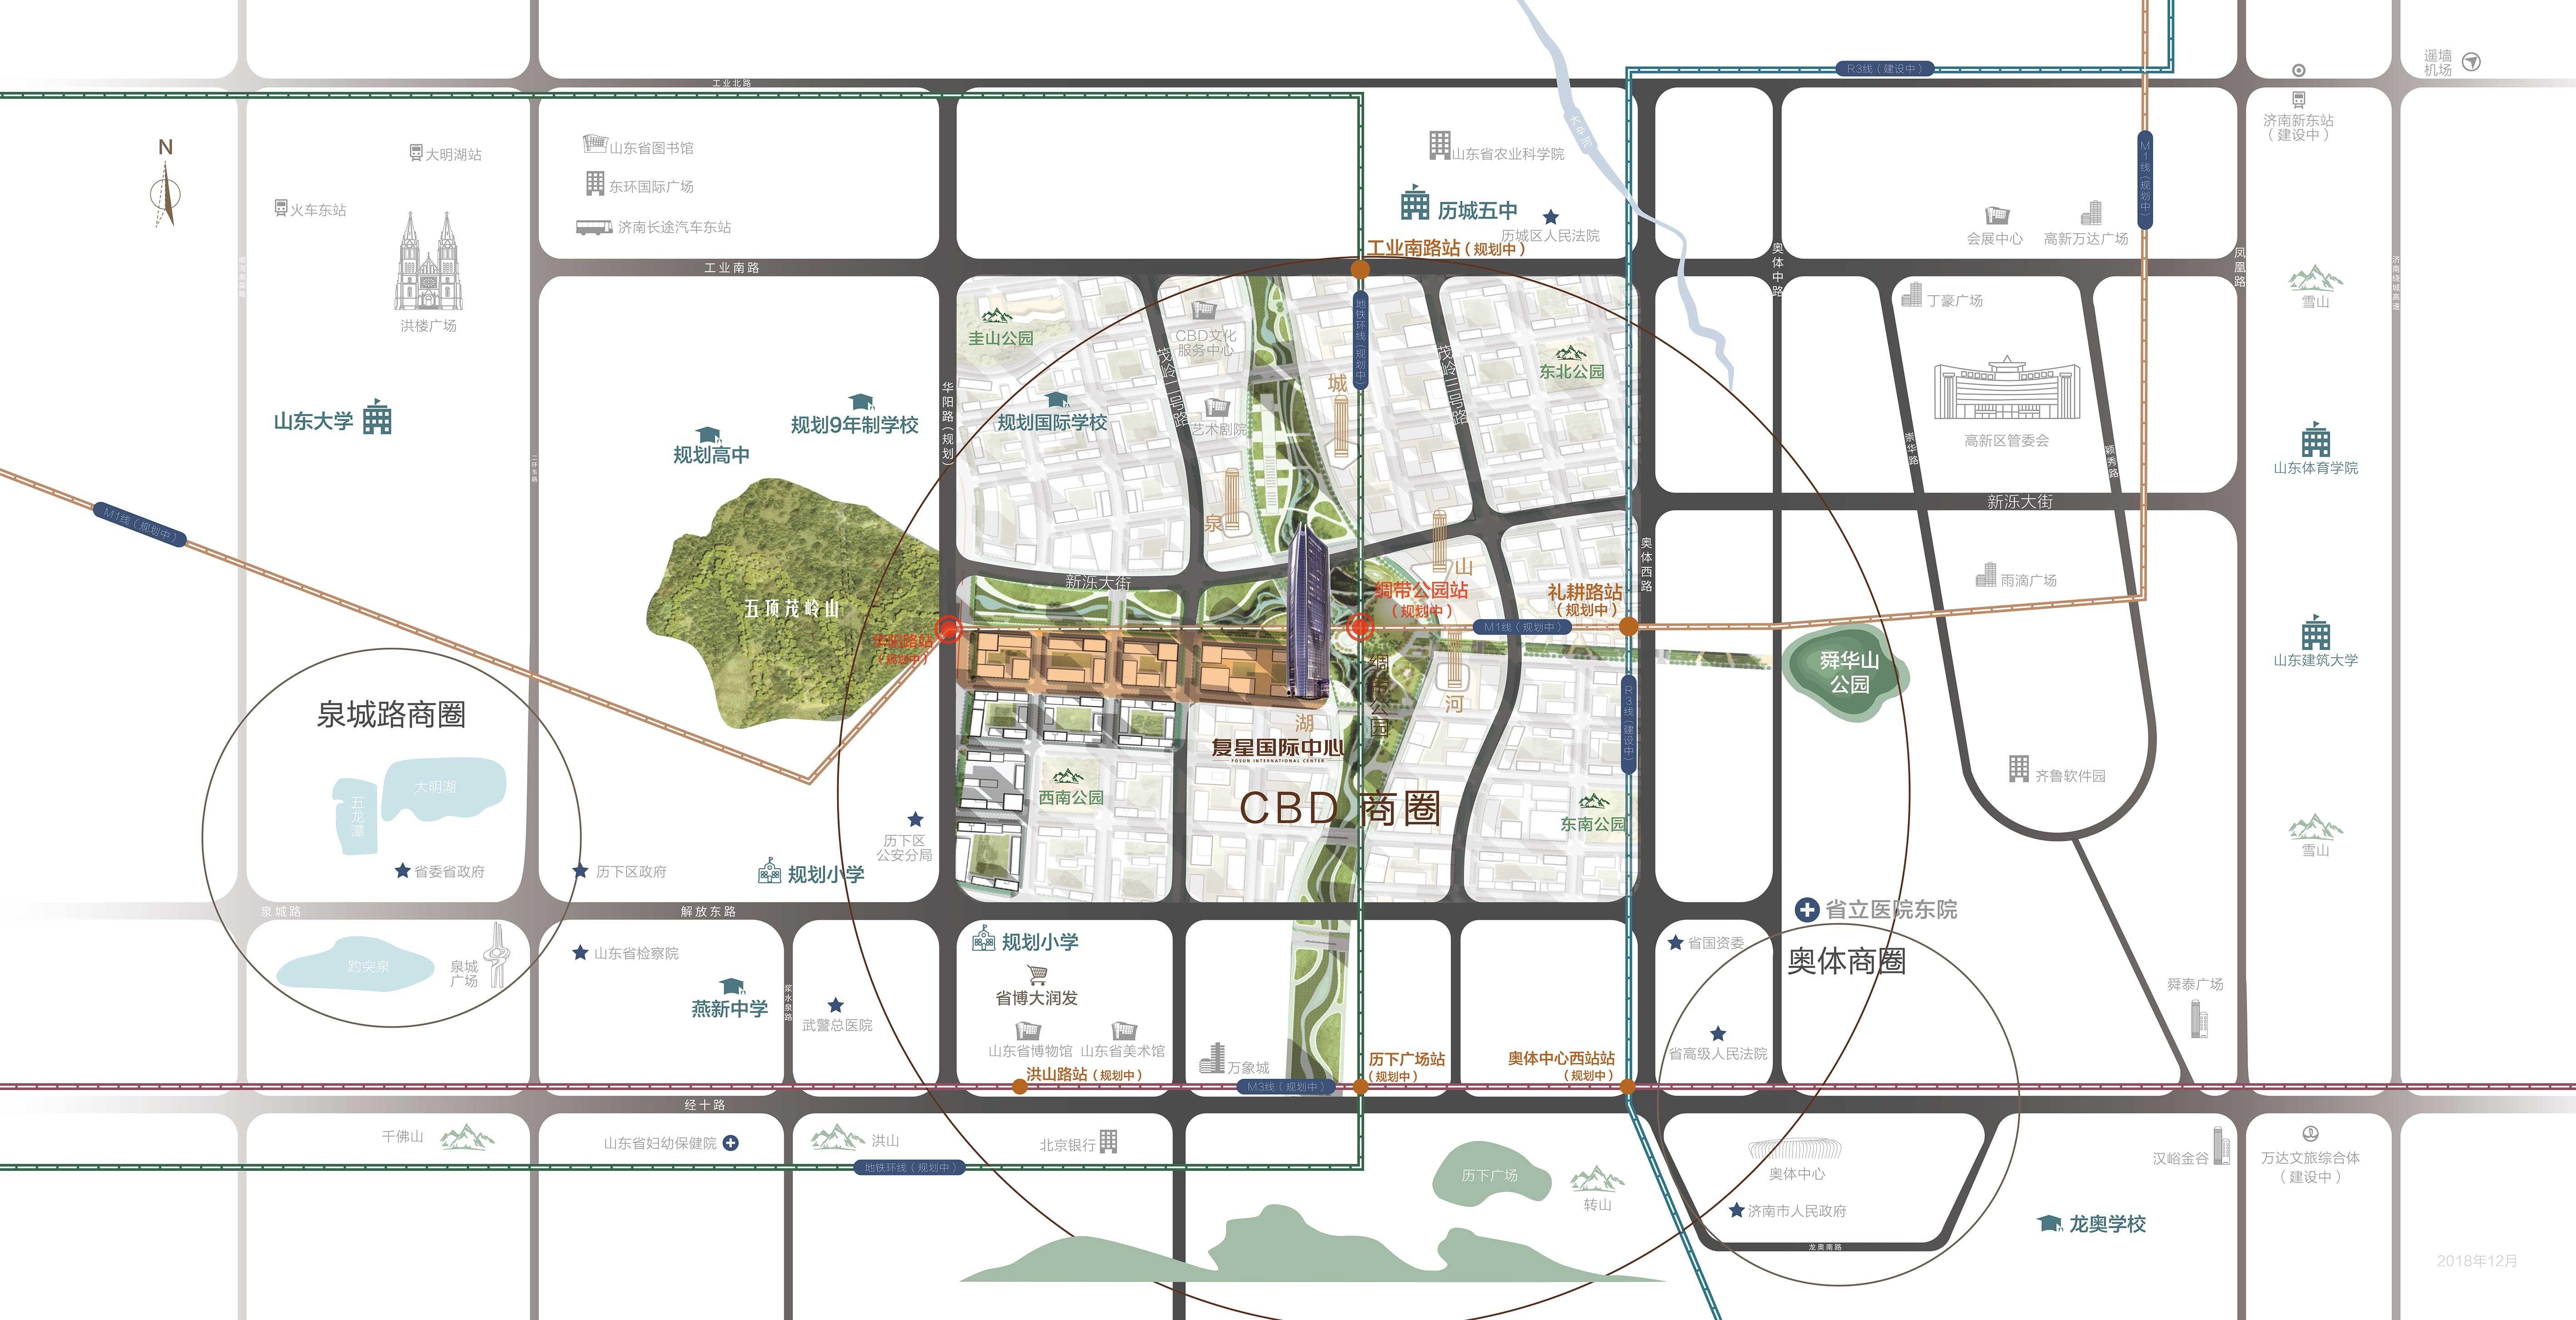 复星国际中心位置图